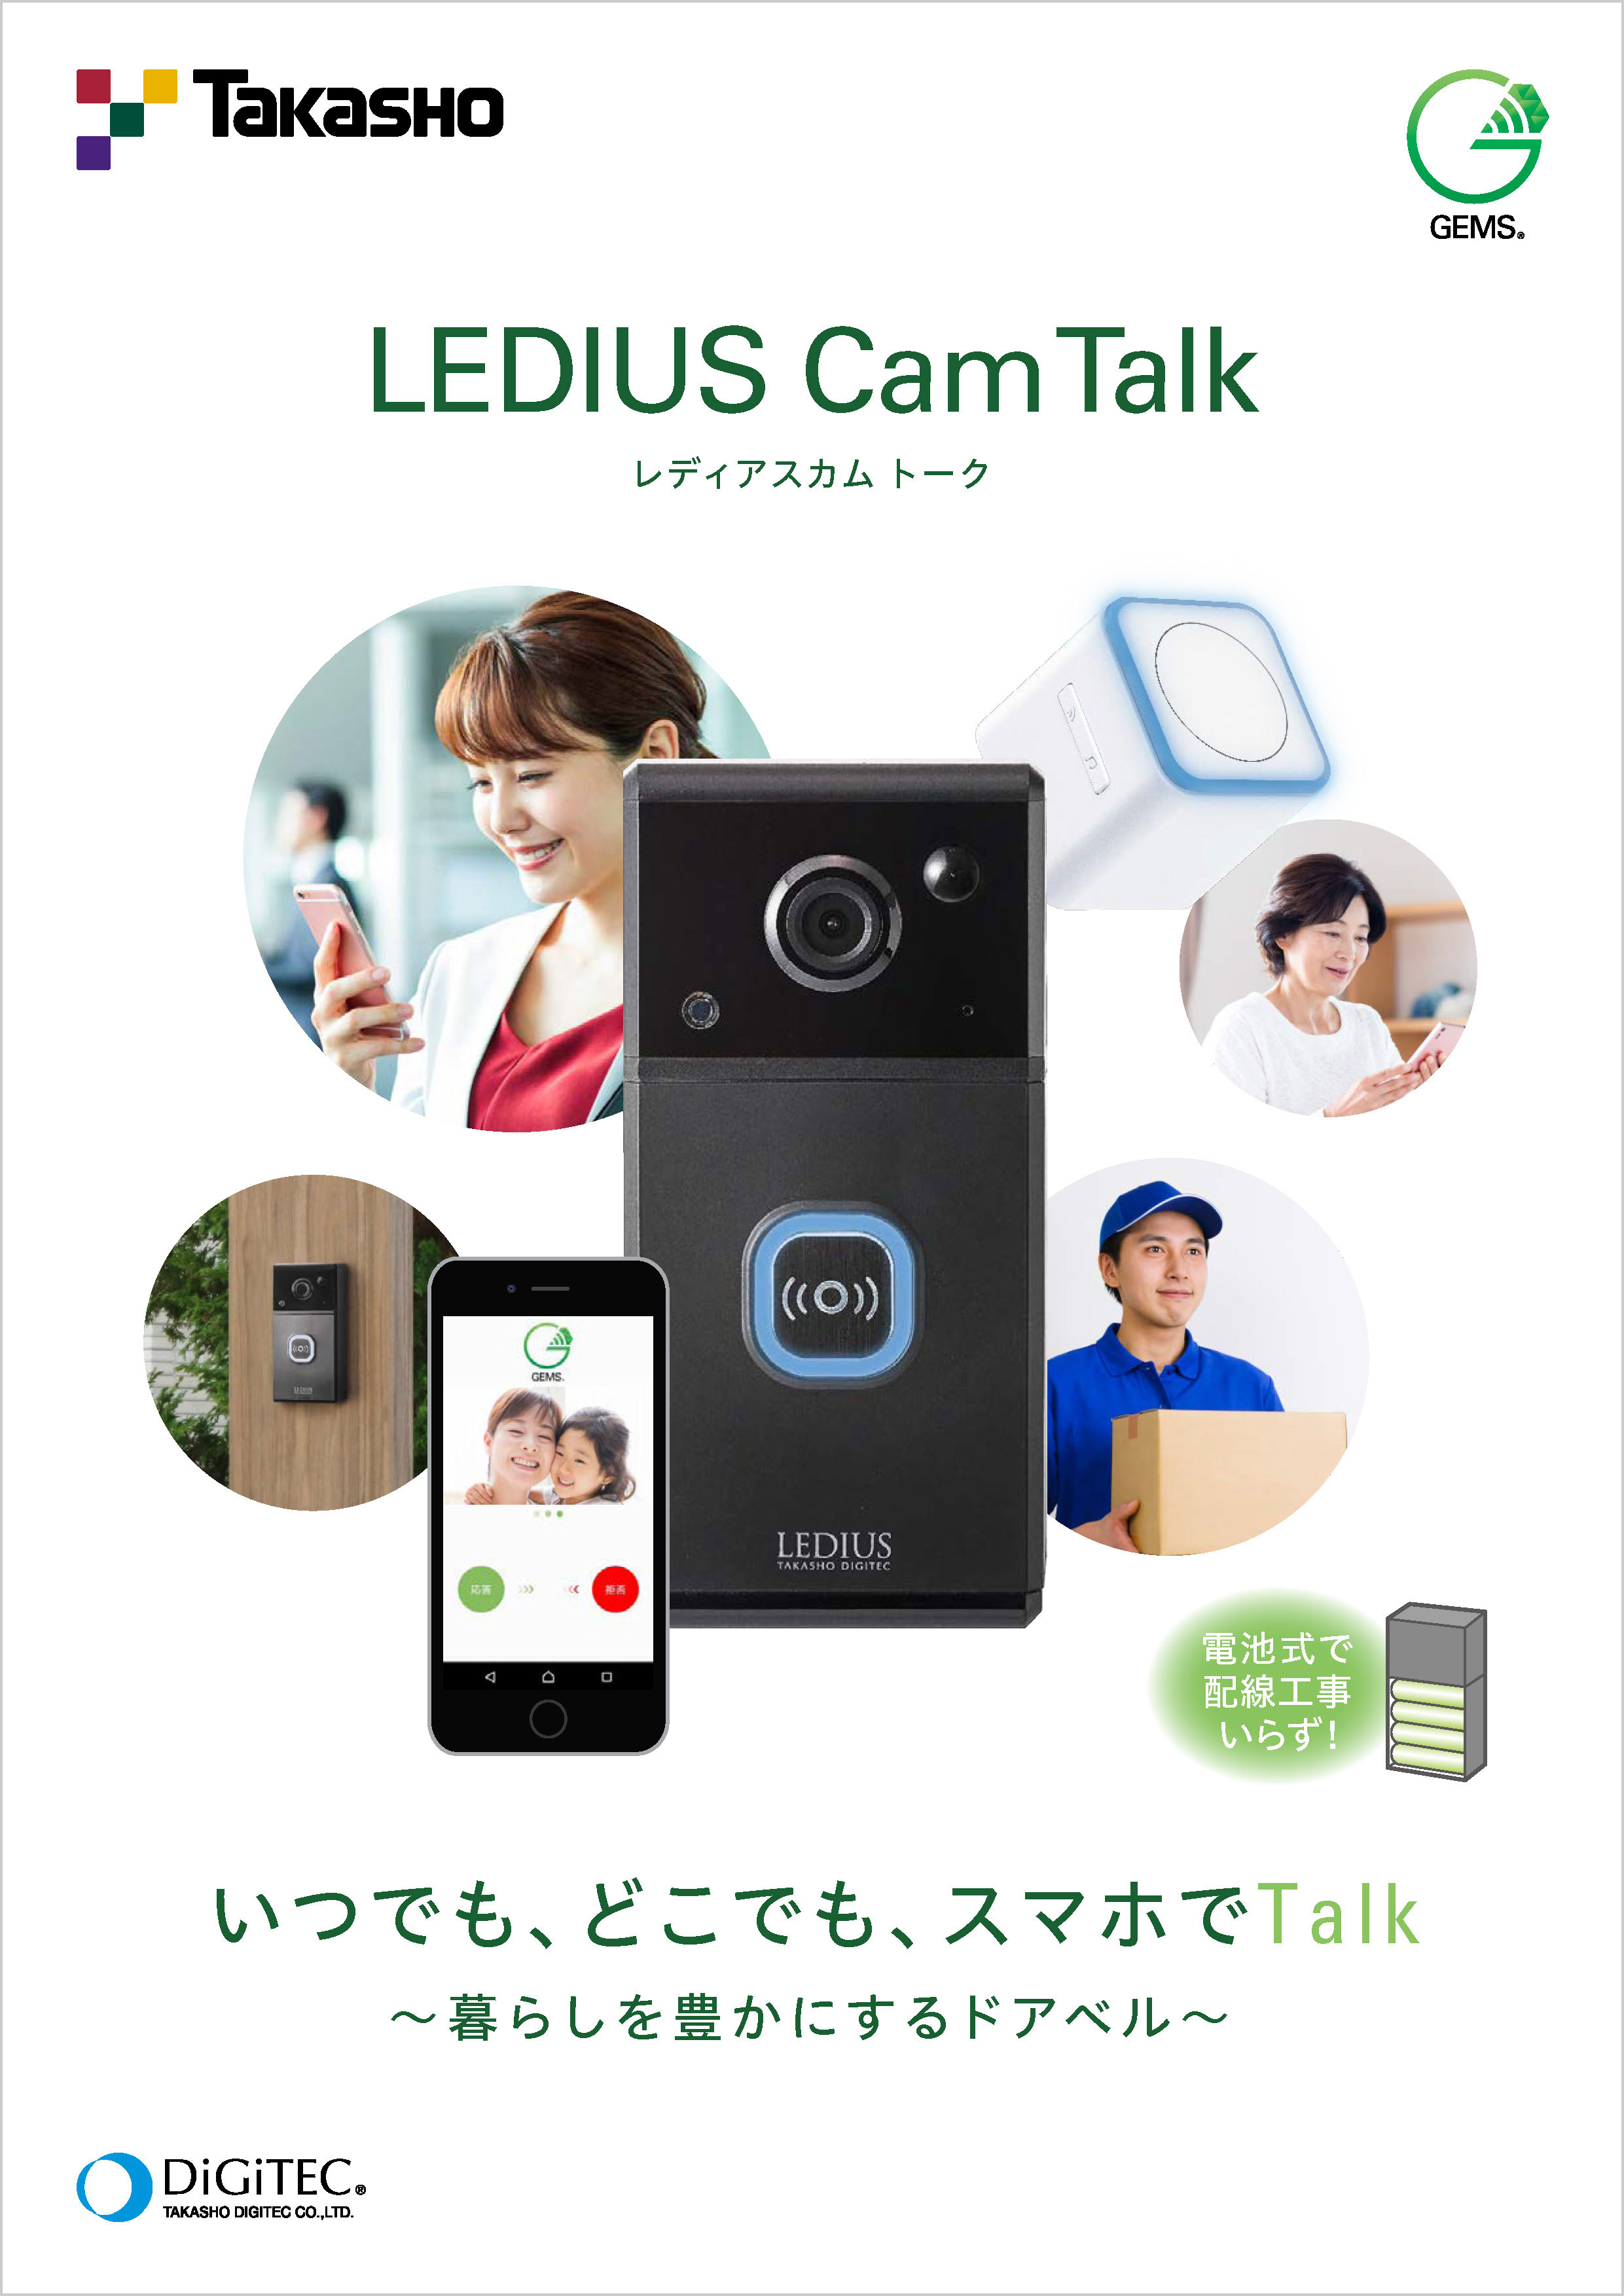 LEDIUS Cam Talk Pamphlet